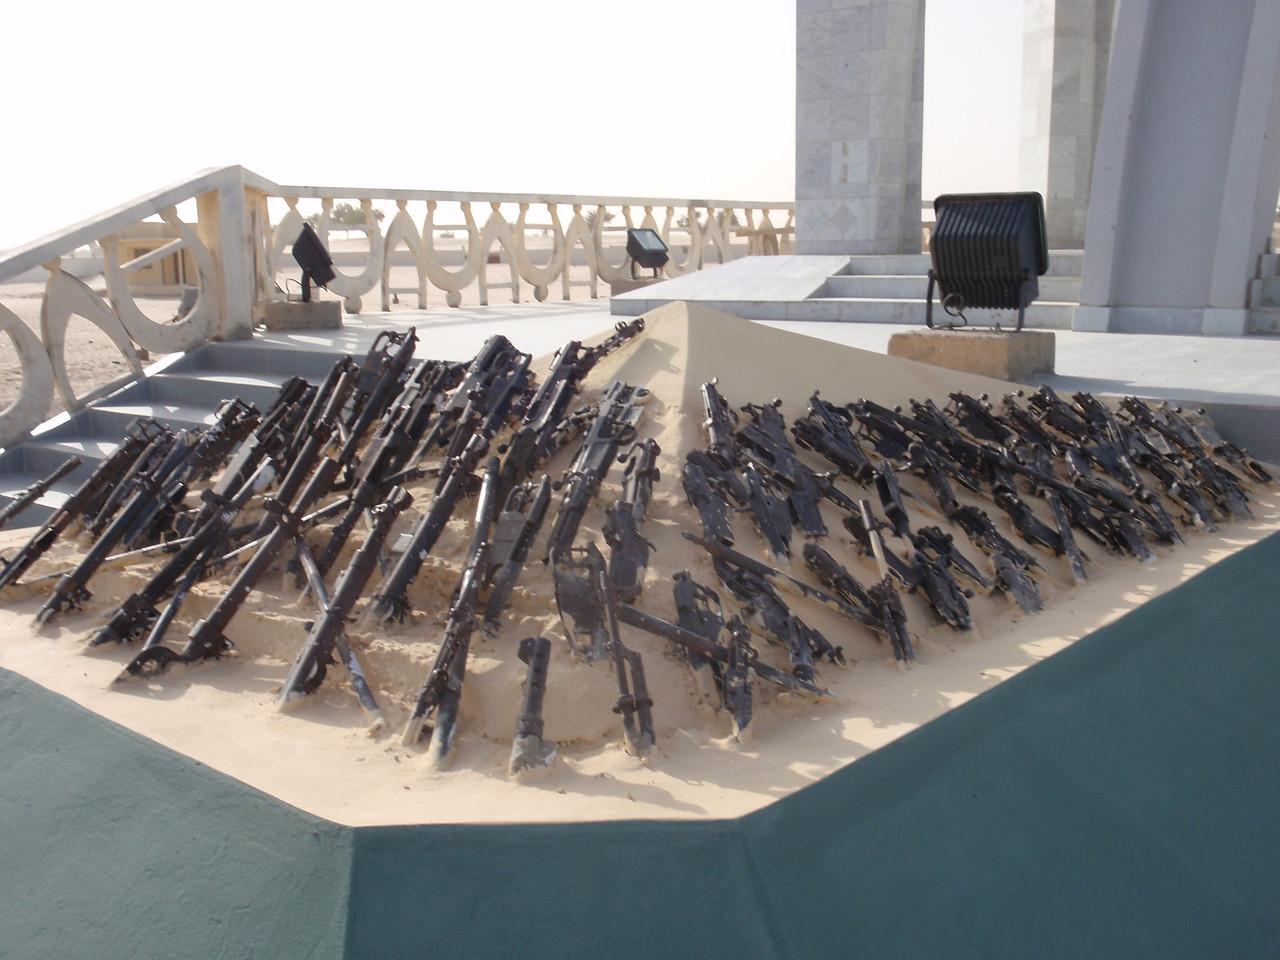 136_Flamme de la Paix Monument  3000 Weapons were Burned